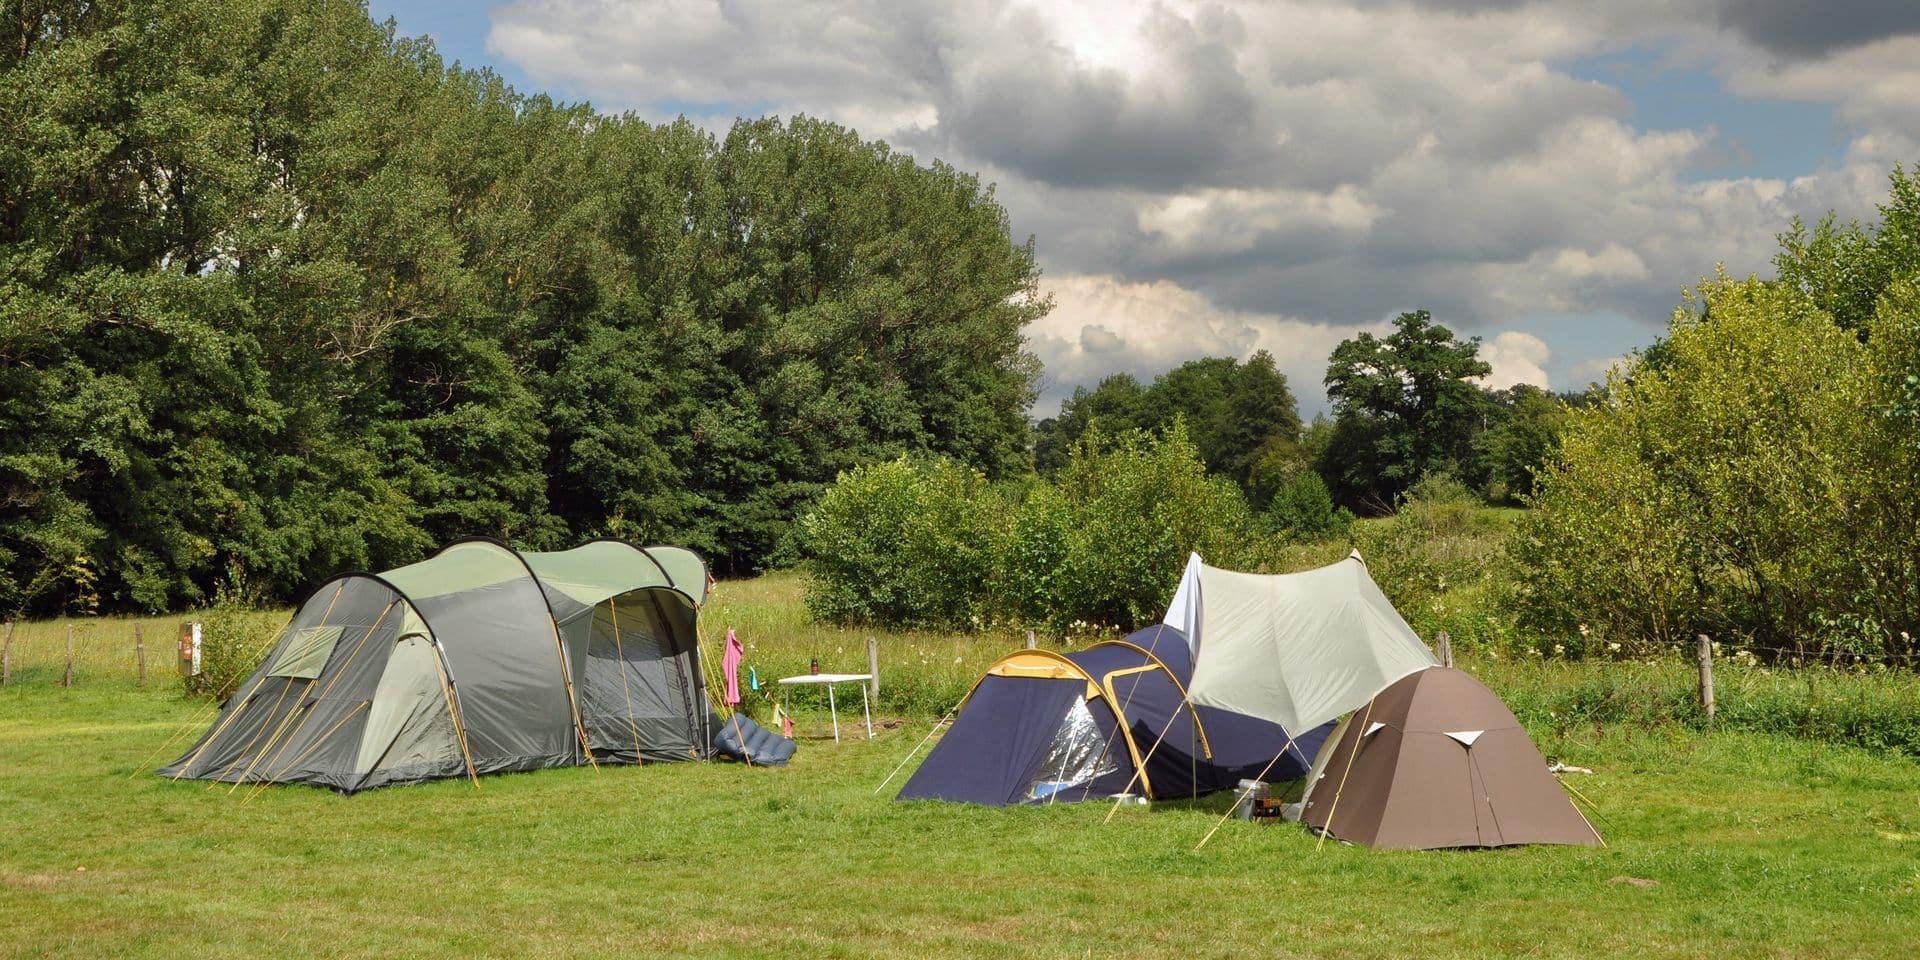 Randonnée, kayak, camping... Les magasins A.S. Adventure louent désormais leurs équipements